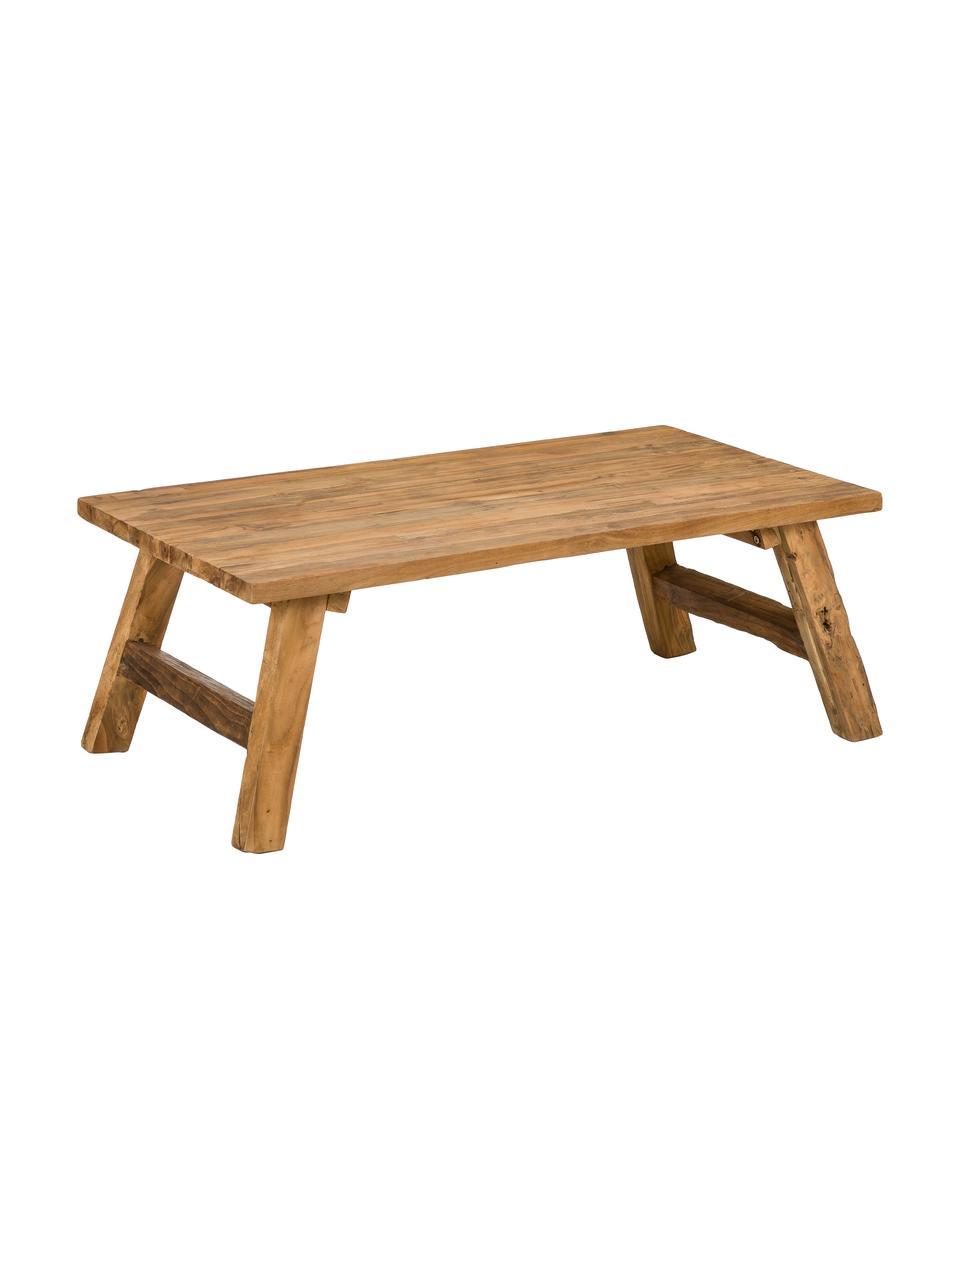 Tavolino da salotto in legno di teak Lawas, Legno di teak, finitura naturale, Legno di teak, Larg. 120 x Alt. 45 cm